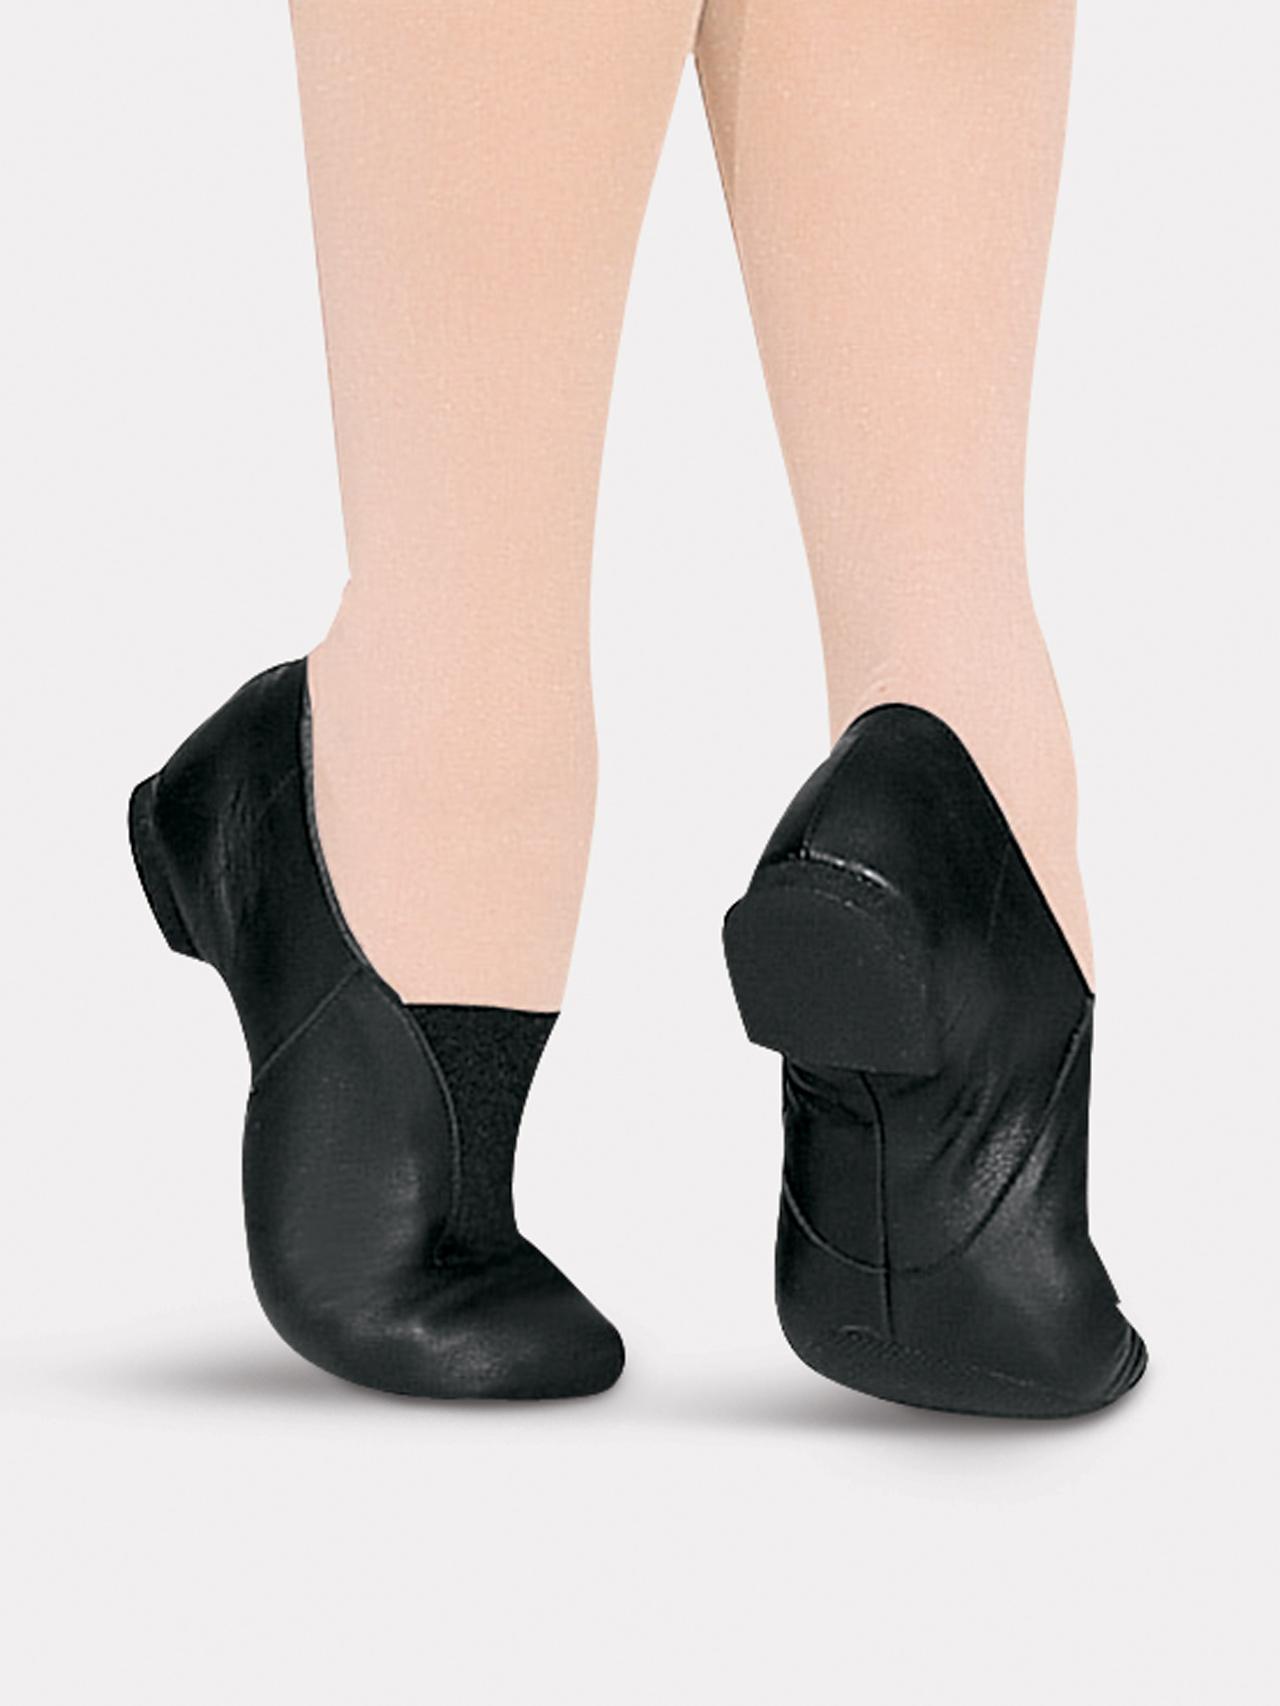 Dance Shoes Clipart